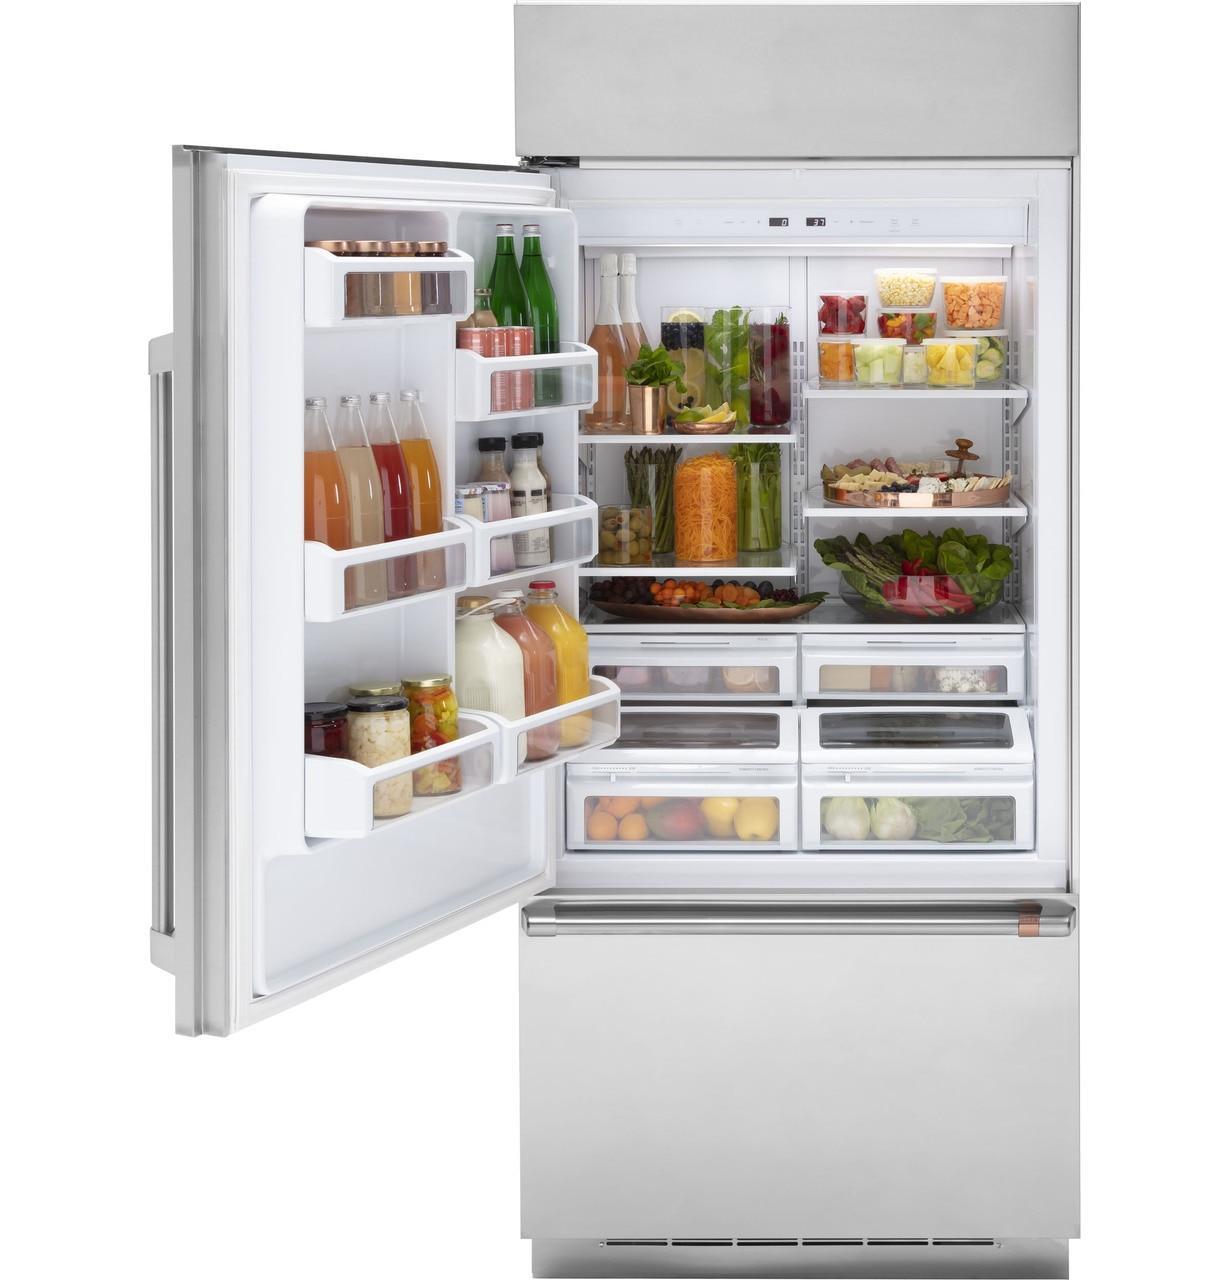 Cafe AppliancesCaf(eback)™ 21.3 Cu. Ft. Built-In Bottom-Freezer Refrigerator